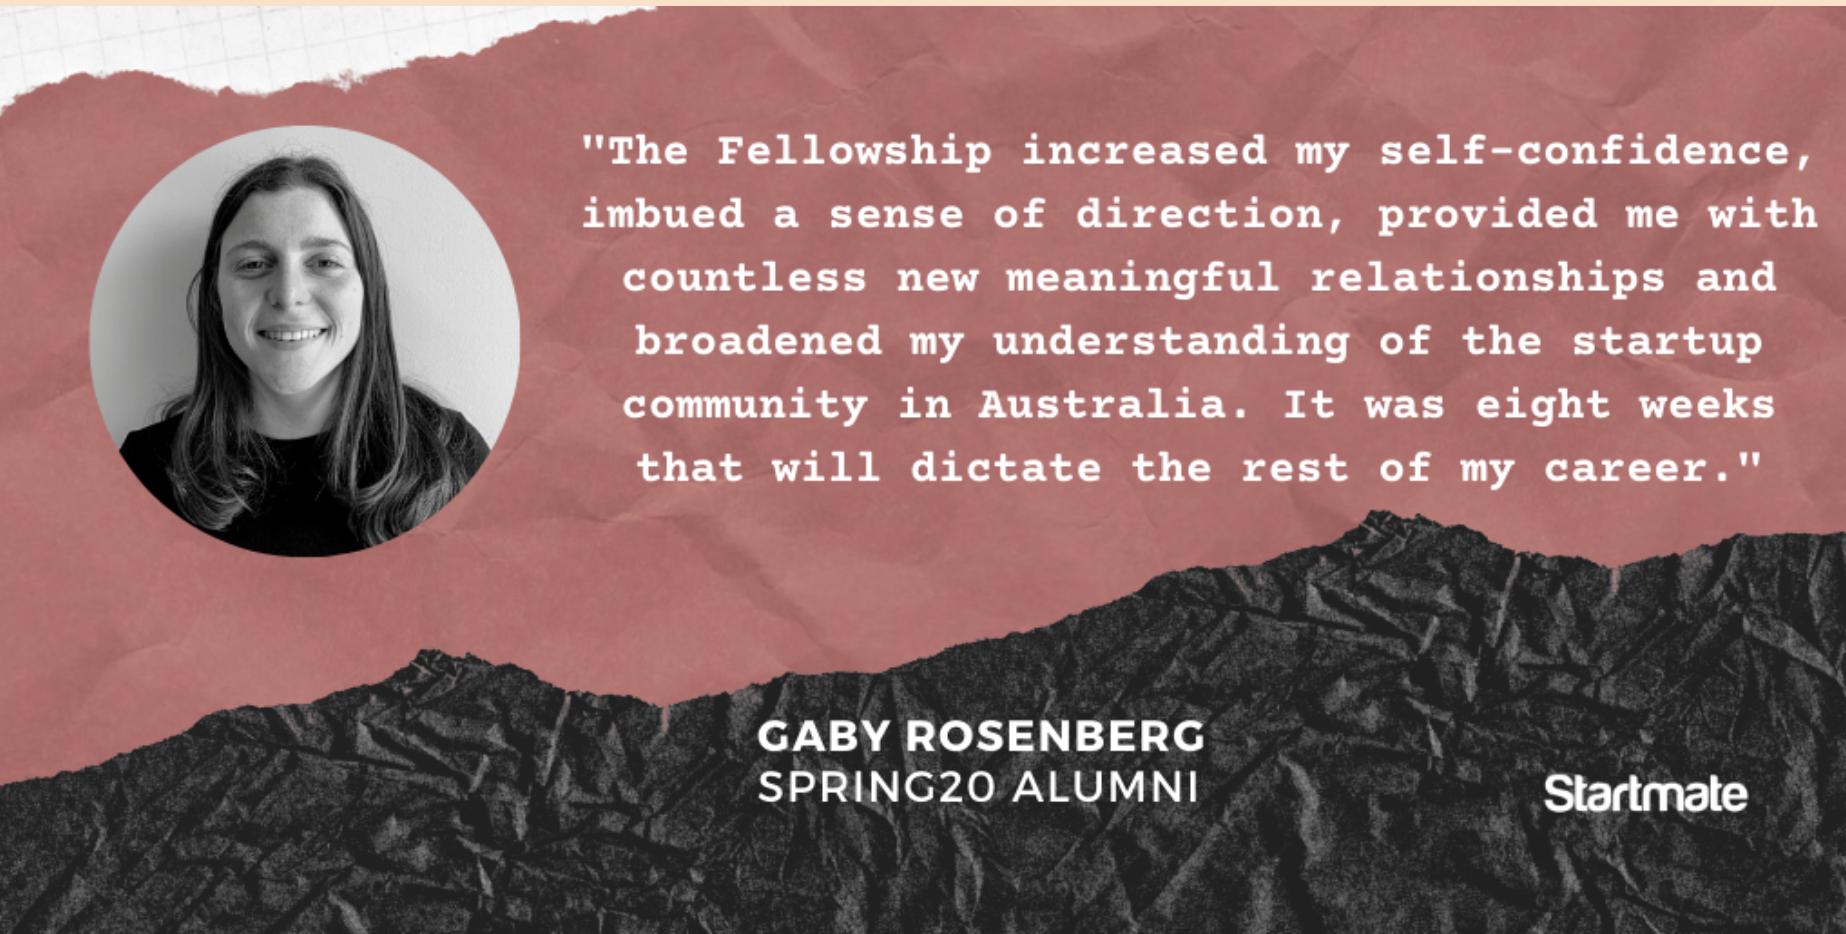 Gaby Rosenberg, Spring20 Fellow